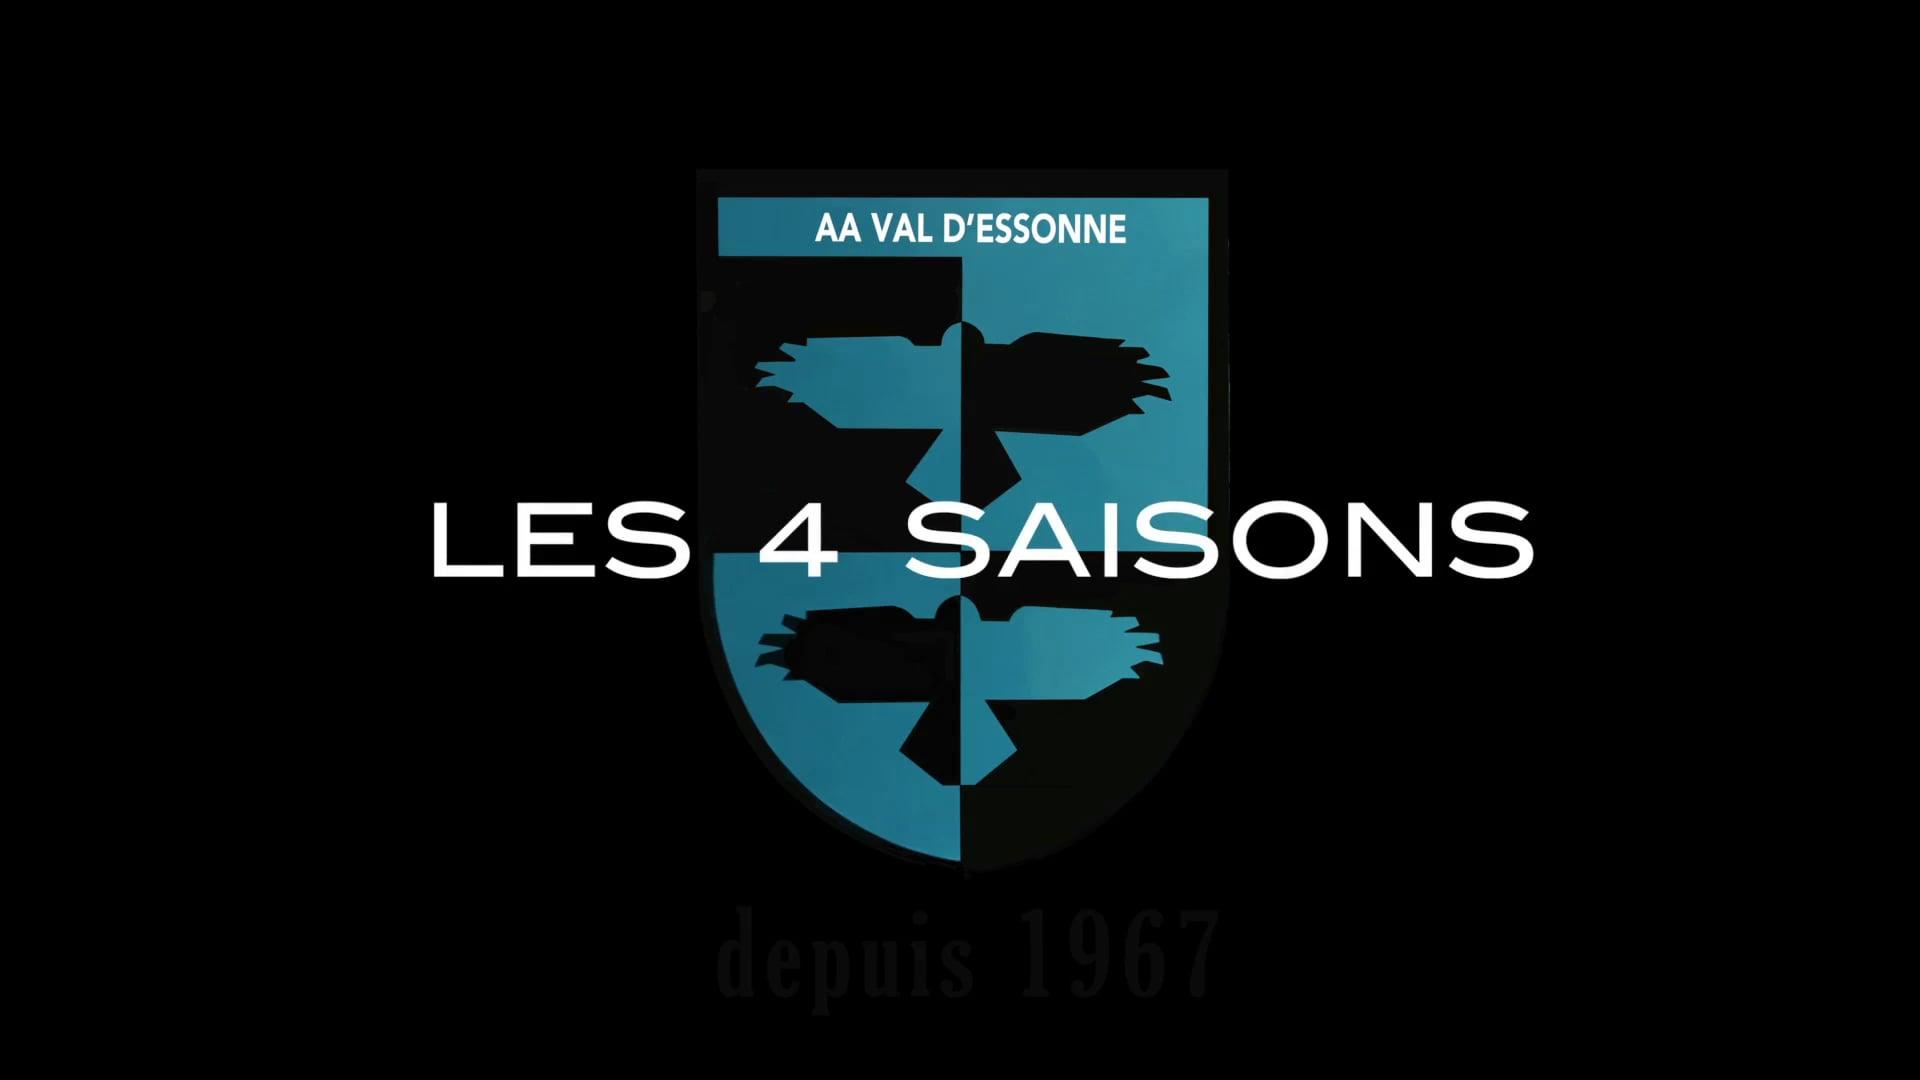 LES 4 SAISONS - Le film